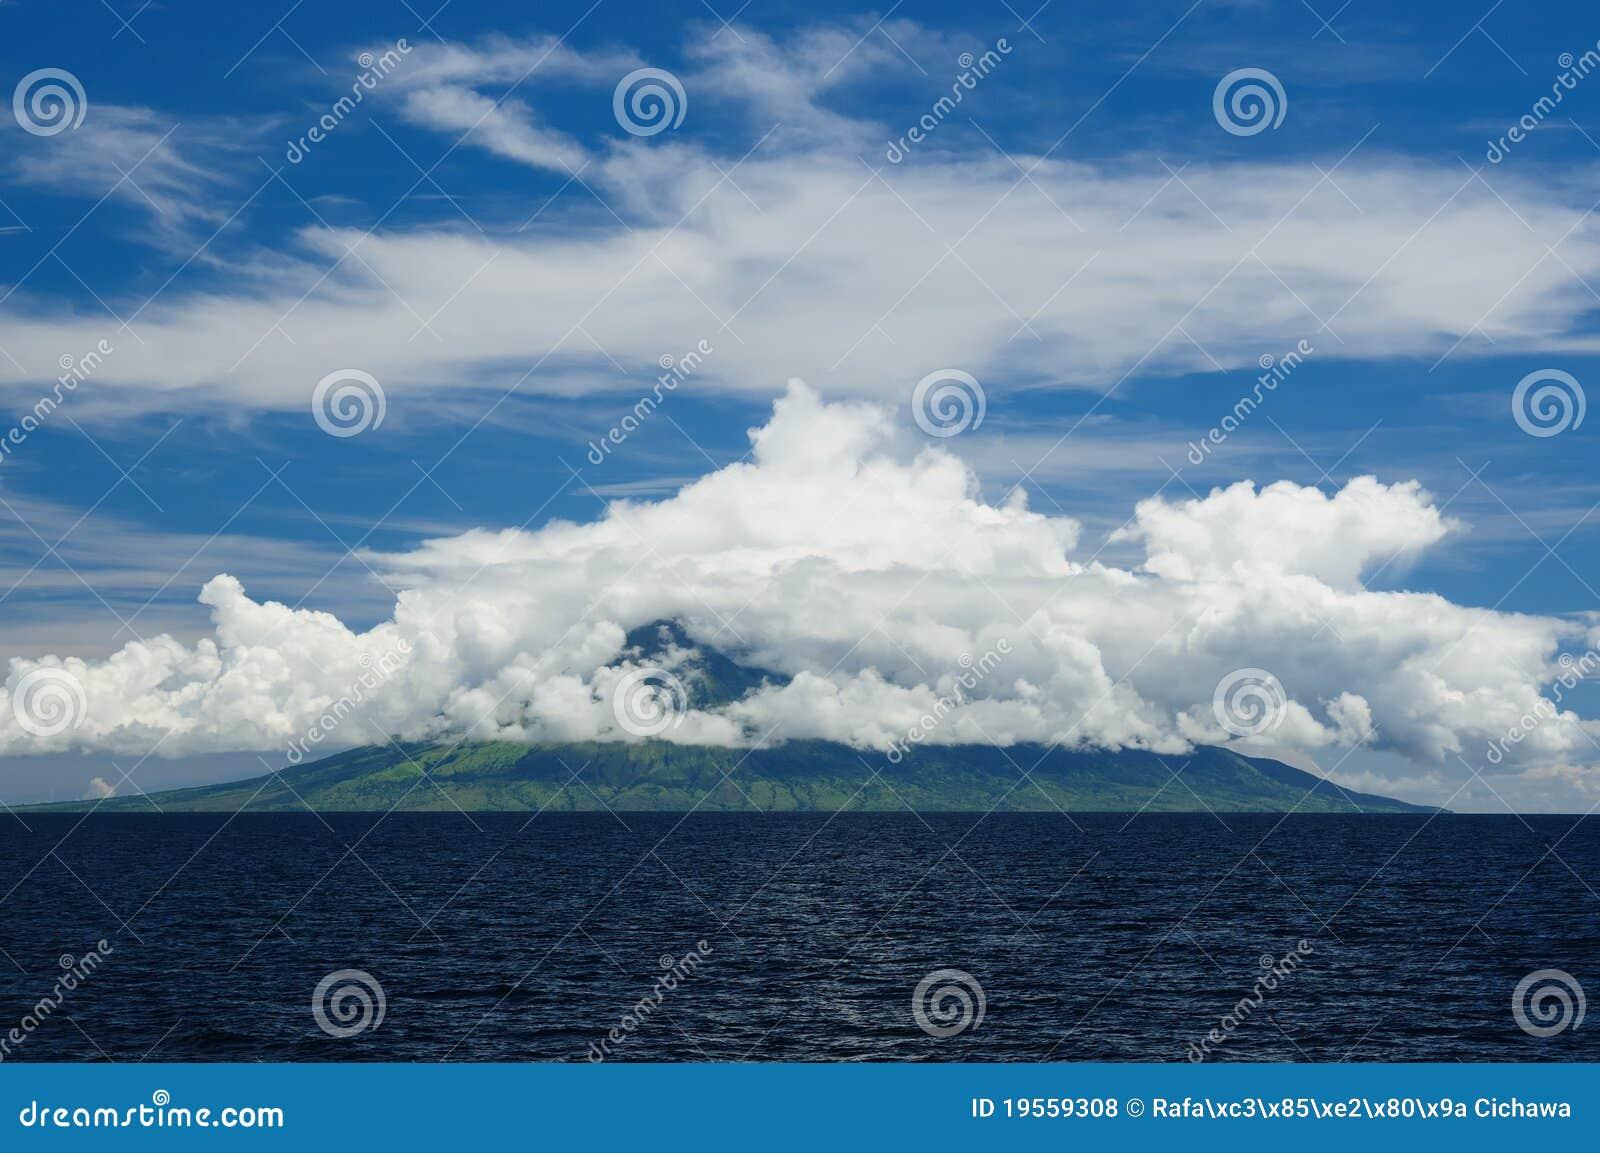 L Indonésie, mer de Flores, Gunung api